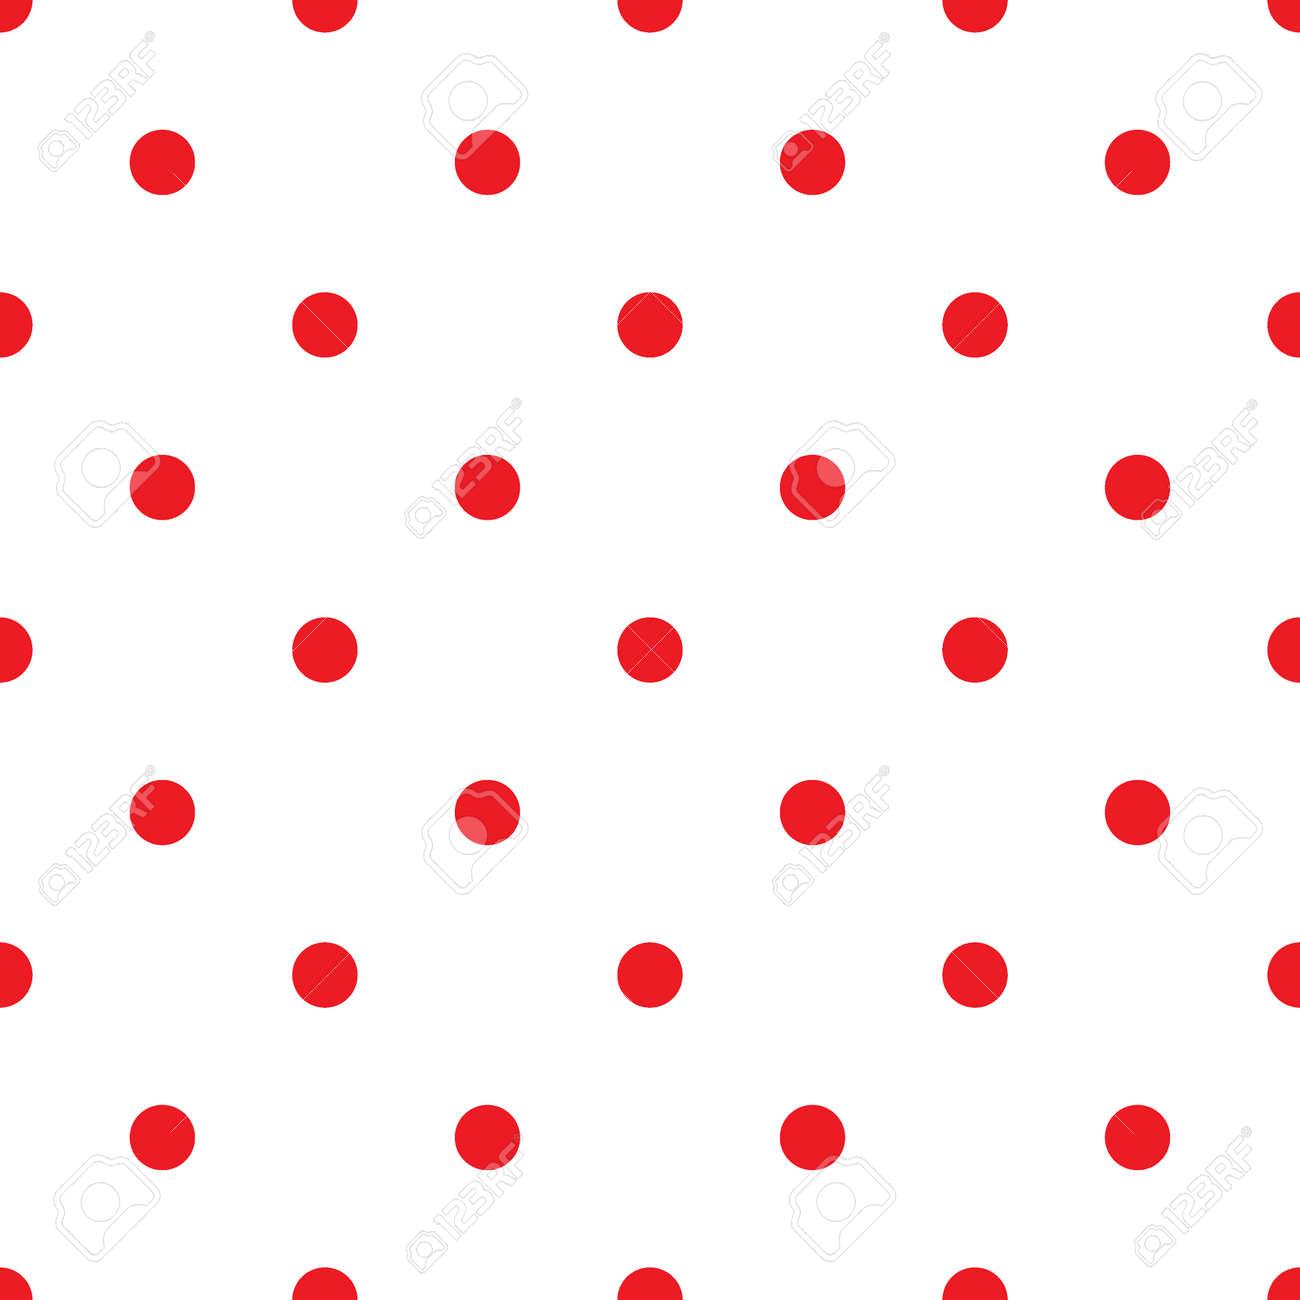 小さな水玉のシームレスなパターン ファッションの赤と白のテクスチャ